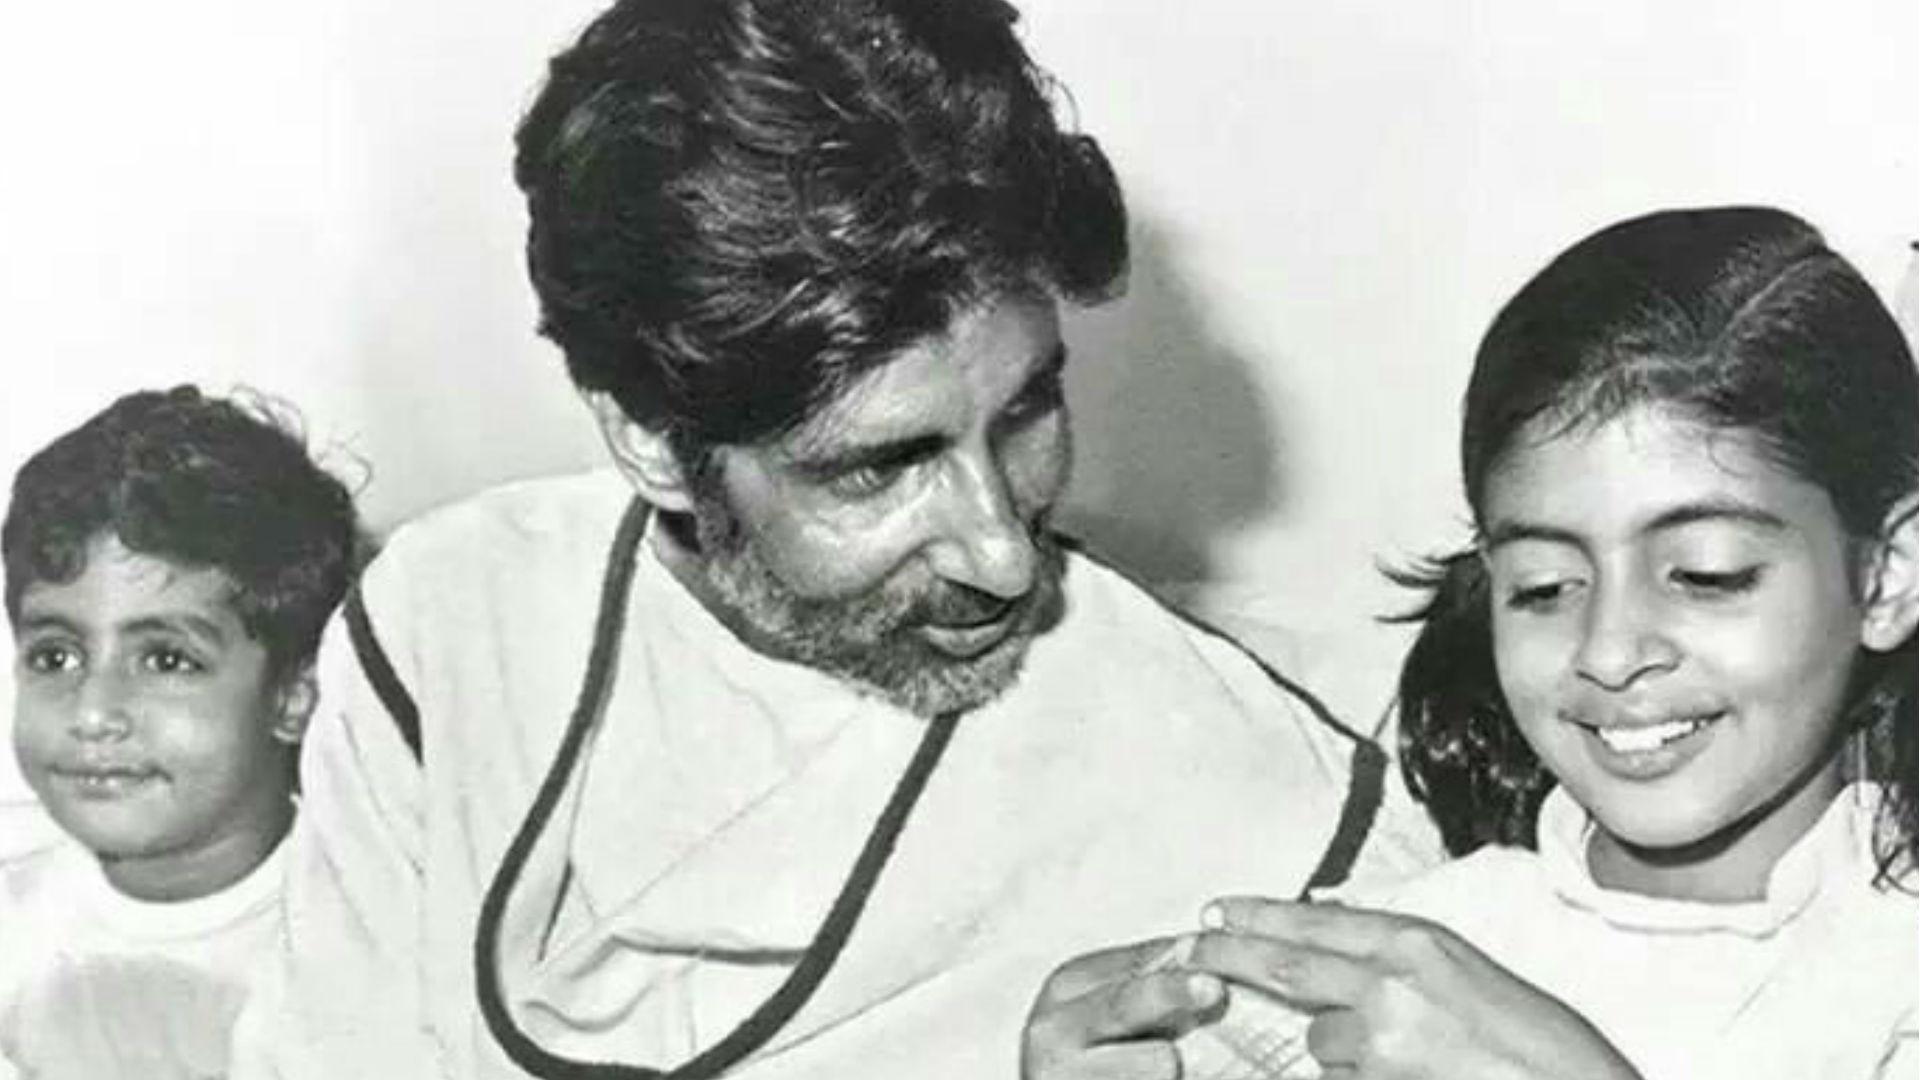 अभिषेक बच्चन ने शेयर की 37 साल पुरानी तस्वीर, बताया आज क्यों मना रहे हैं अमिताभ बच्चन का जन्मदिन?